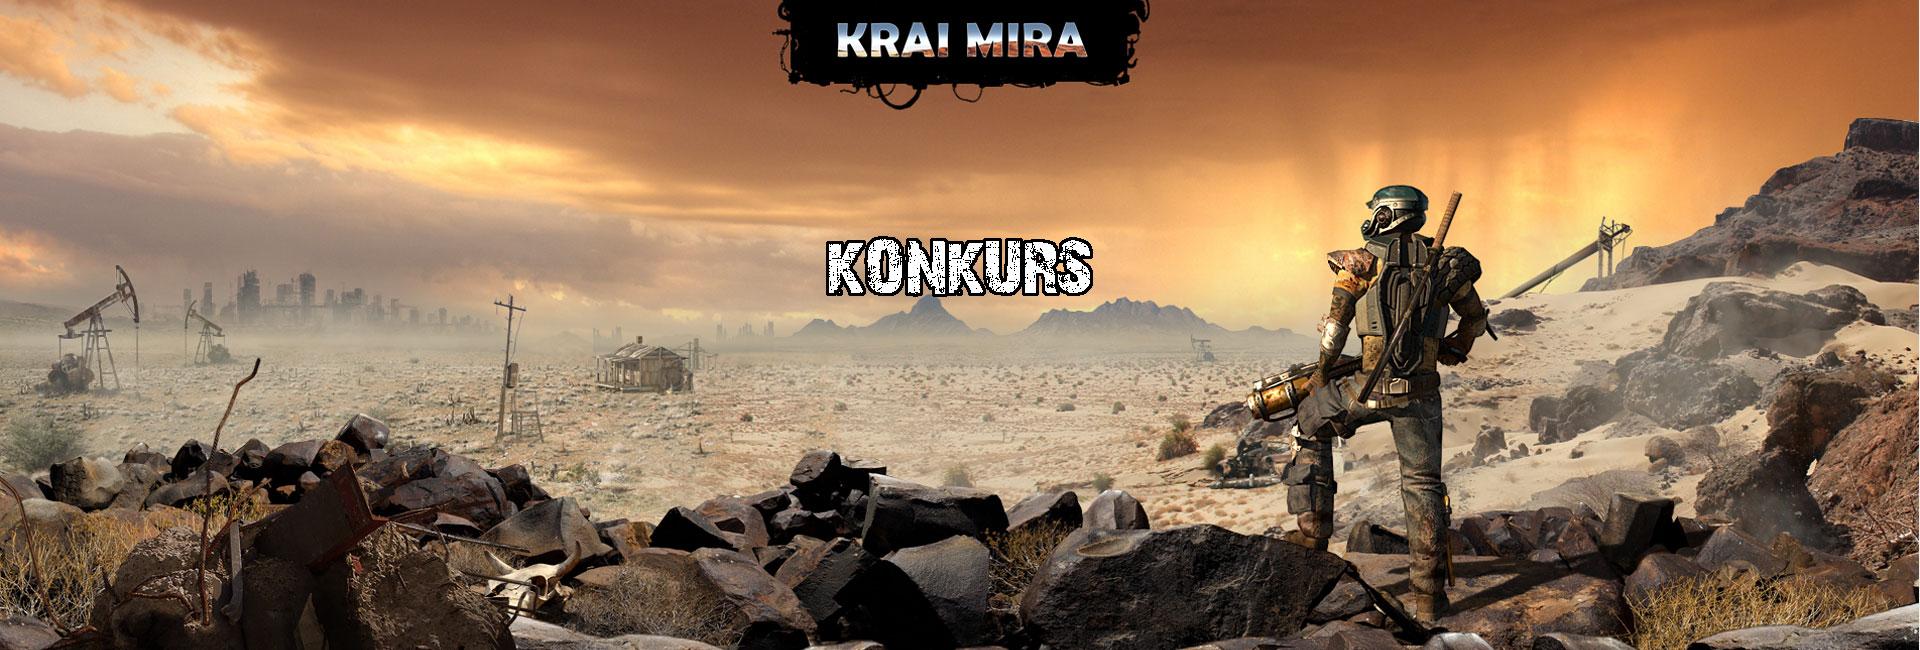 Krai MiraKrai Mira - konkurs